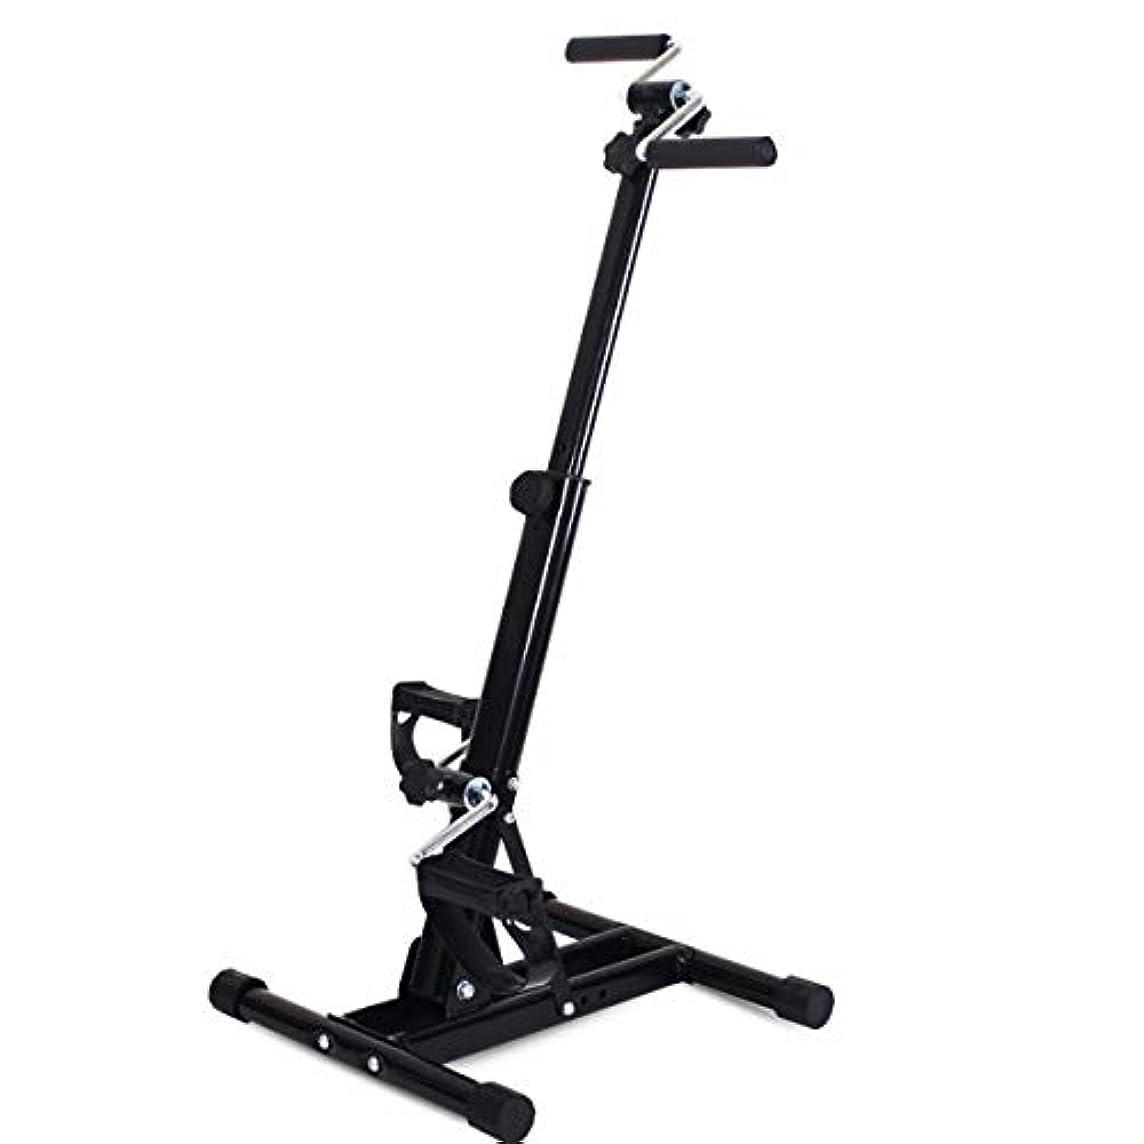 有能なパスタ想像力高齢者リハビリテーション訓練自転車、ホームレッグアームペダルエクササイザー、上肢および下肢のトレーニング機器、ホーム理学療法フィットネストレーニング,A